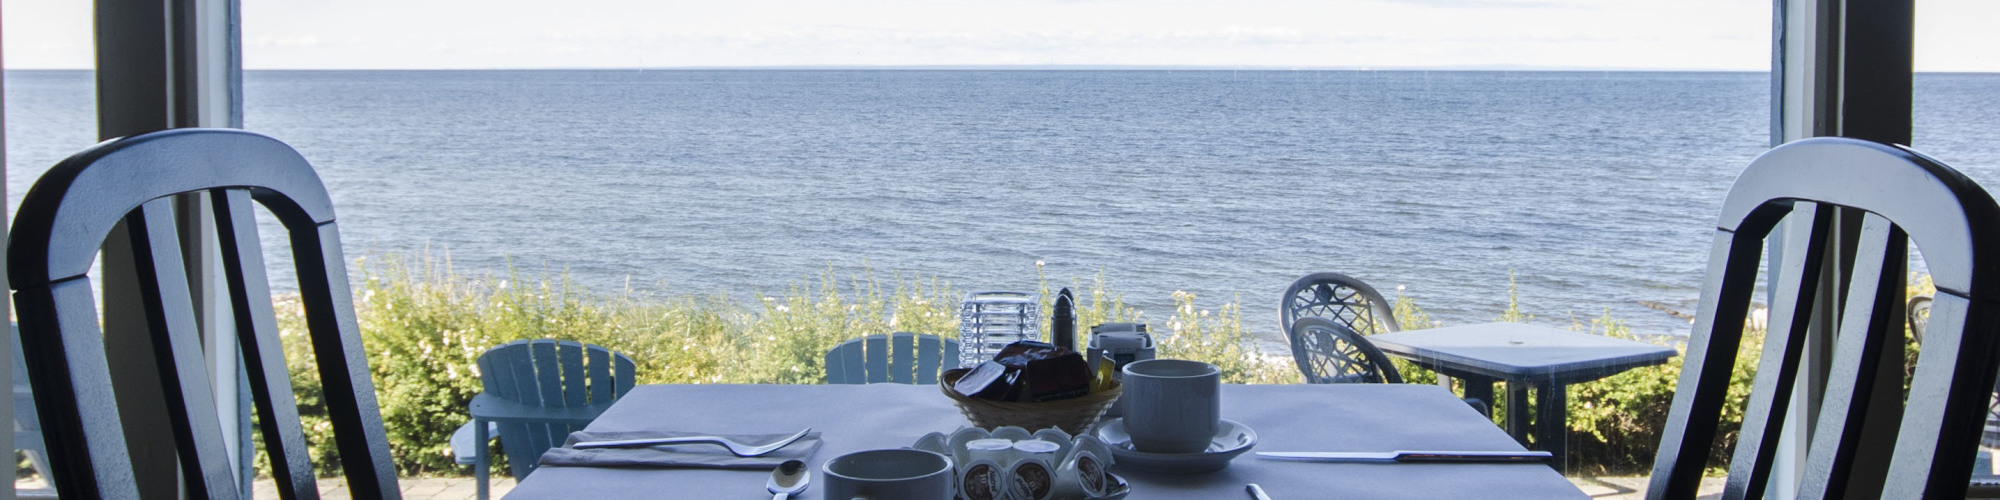 Le Côté Mer restaurant, Riôtel Bonaventure, sea view